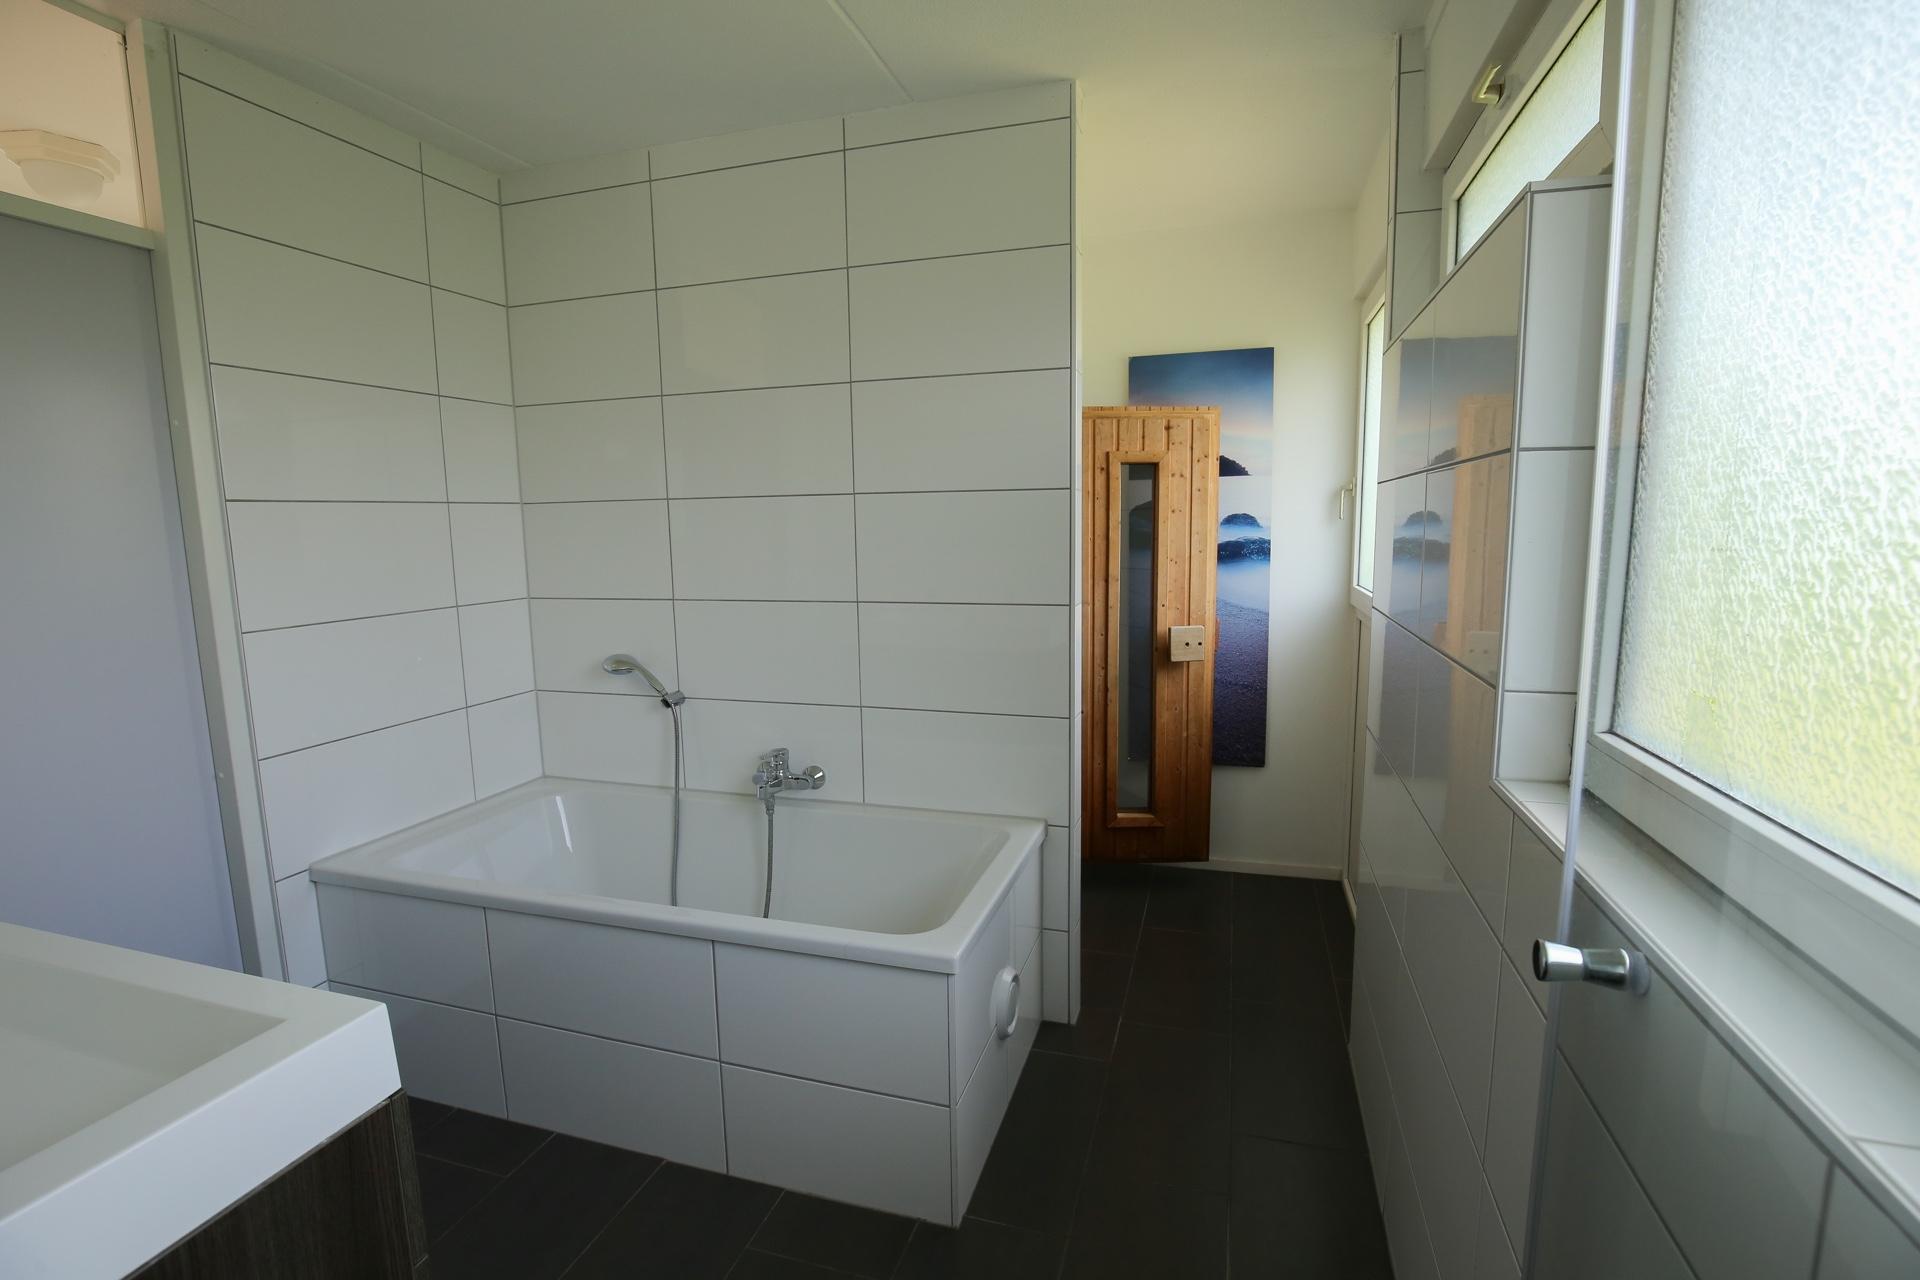 Oudeschans 8 villapark weddermeer - Toilet faciliteiten ...